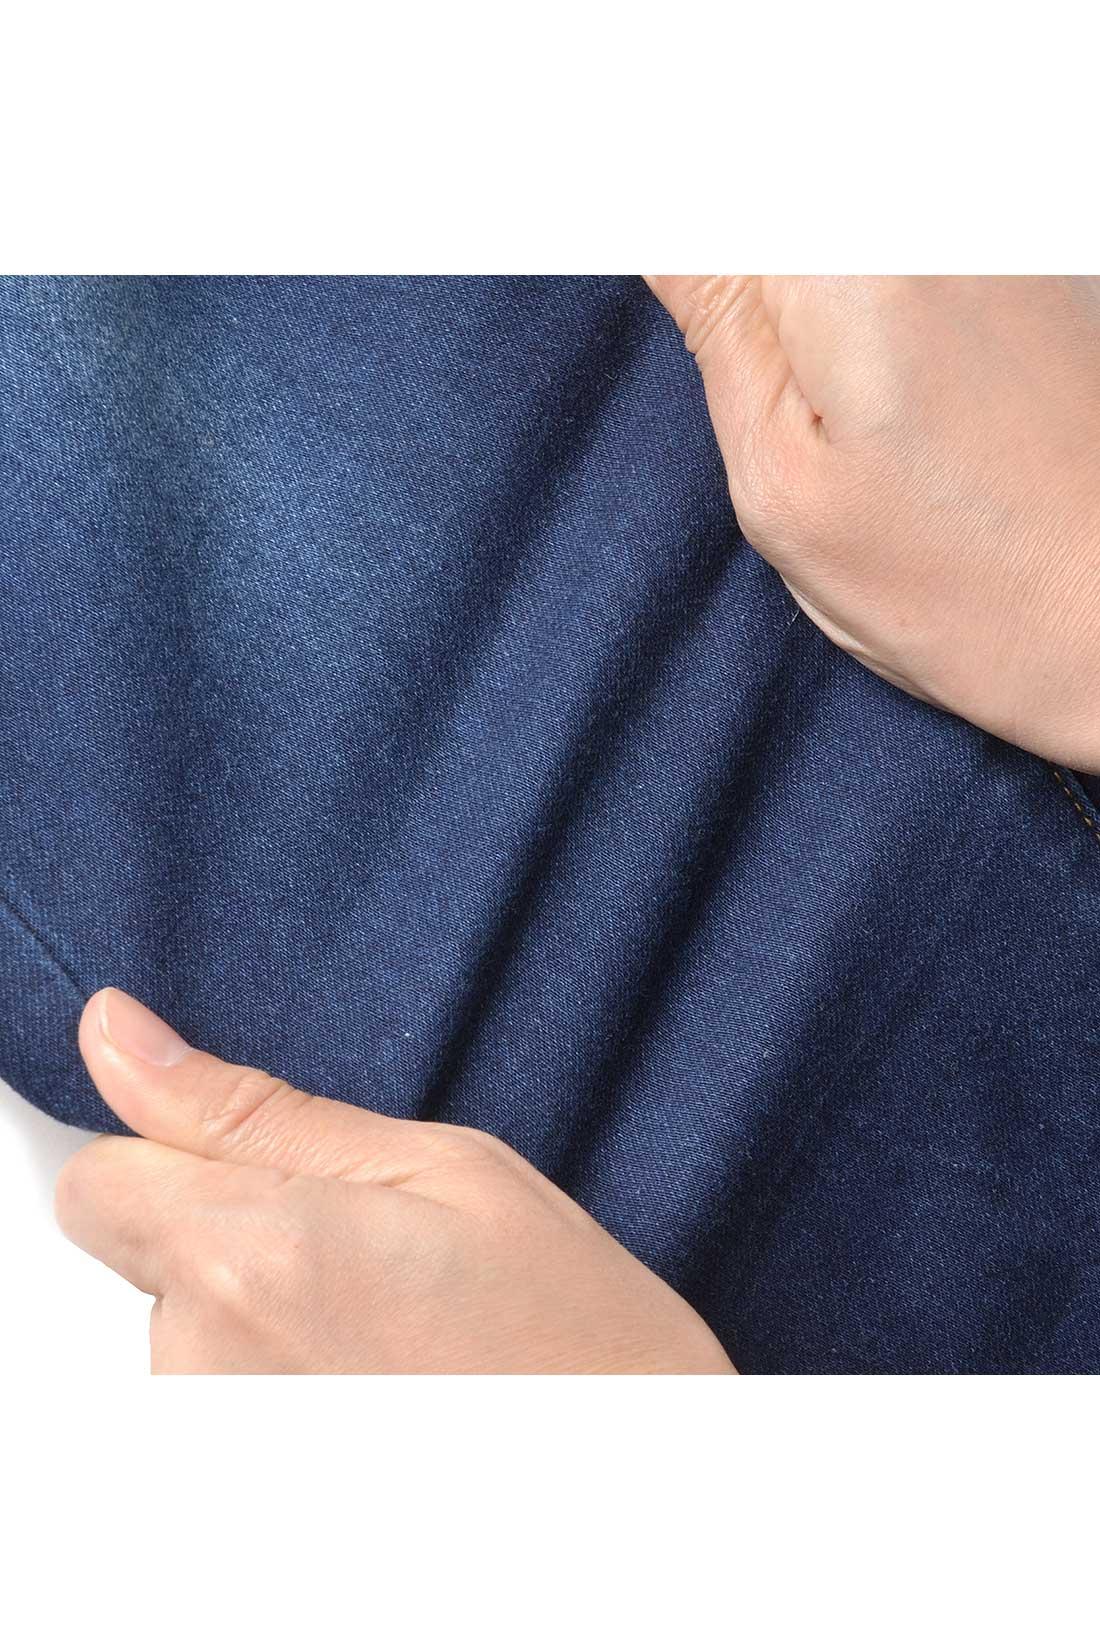 やわらかく、動きに応じてしなやかに伸びるストレッチ素材を使用。